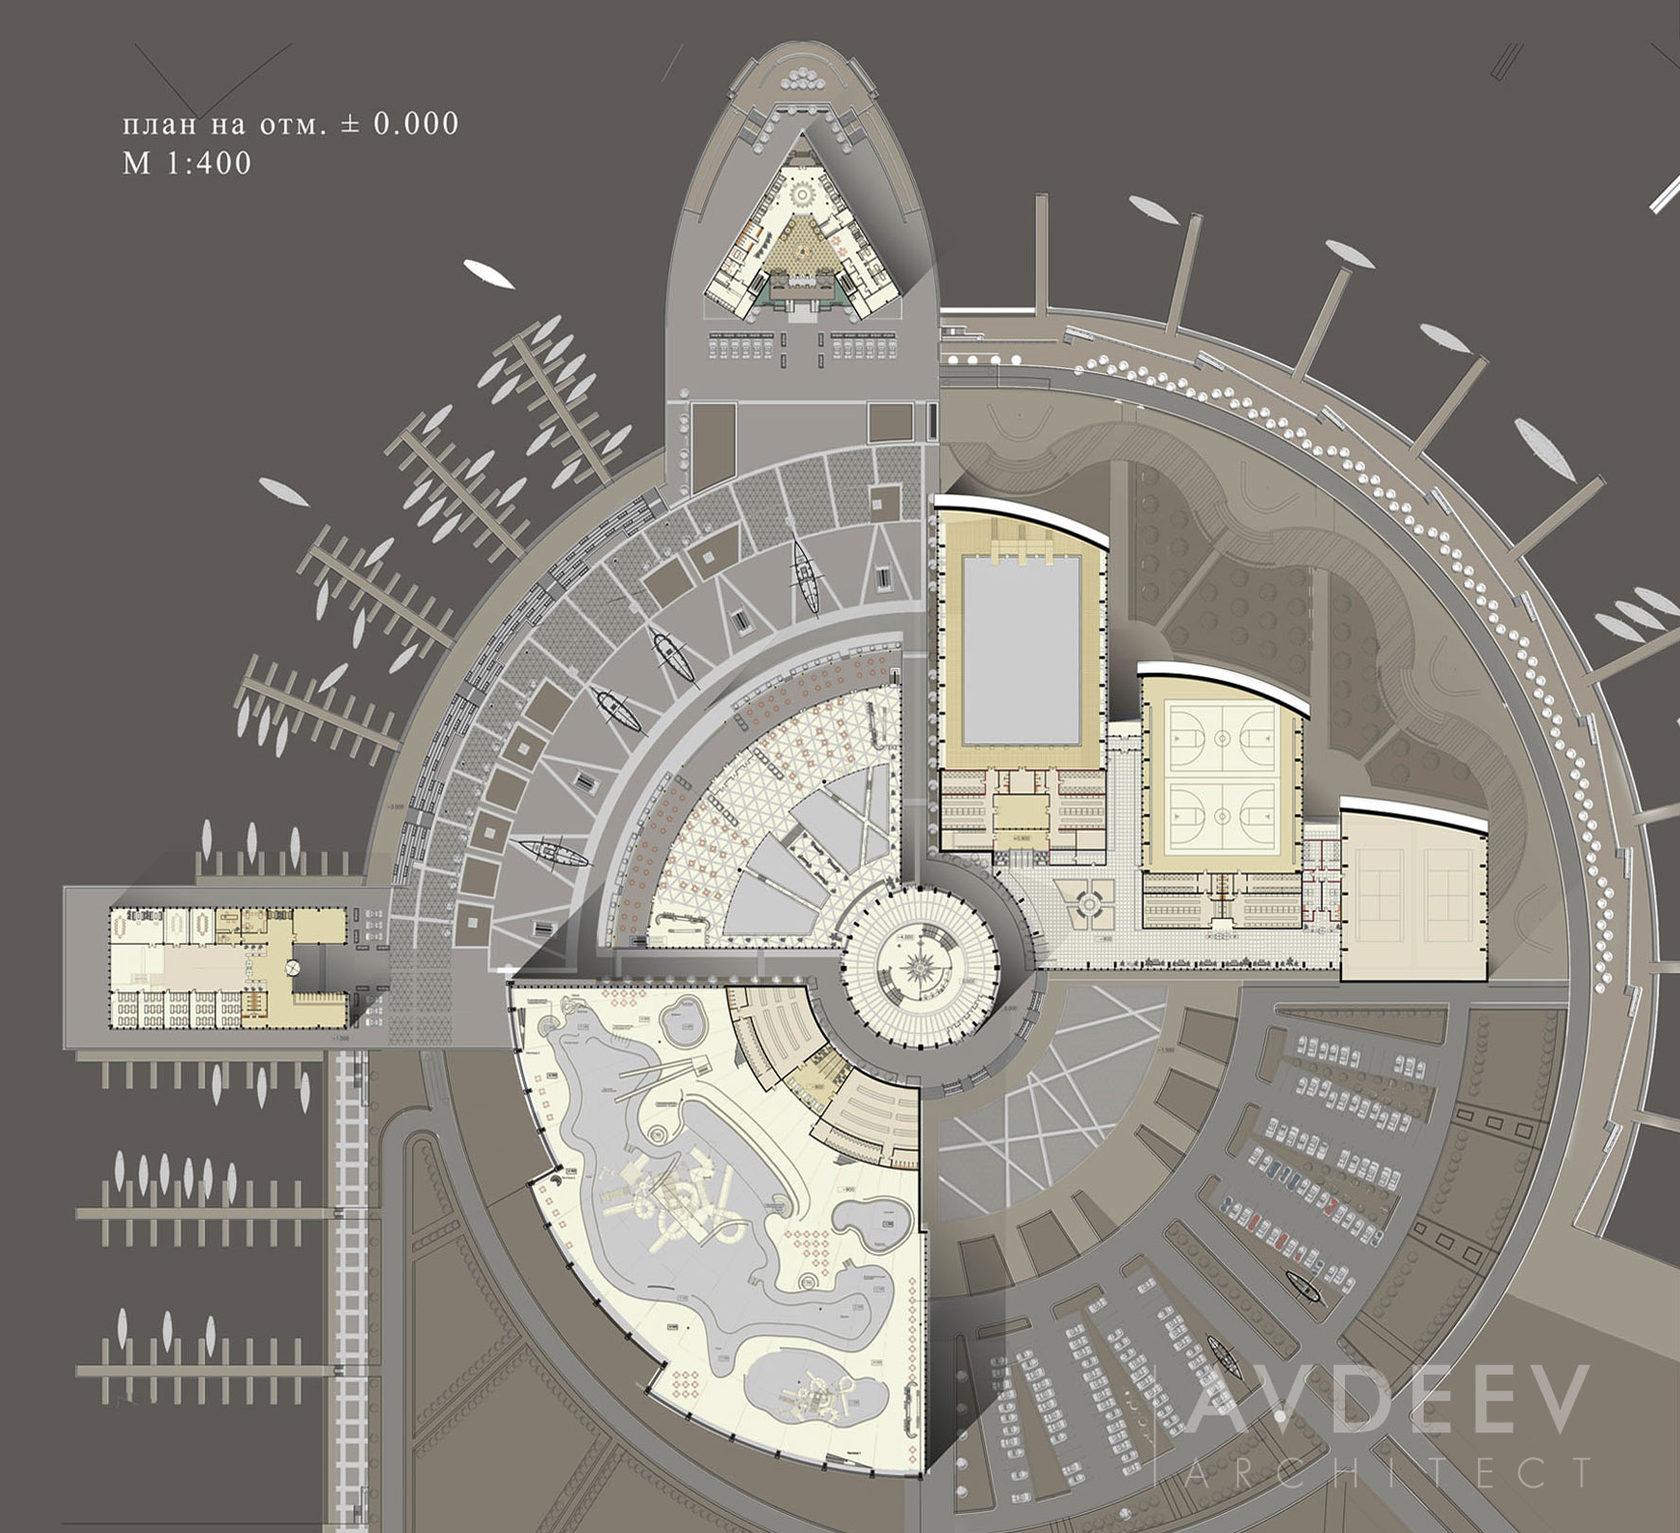 дизайн-схема  центра парусного спорта студия AVDEEV ARCHITECT